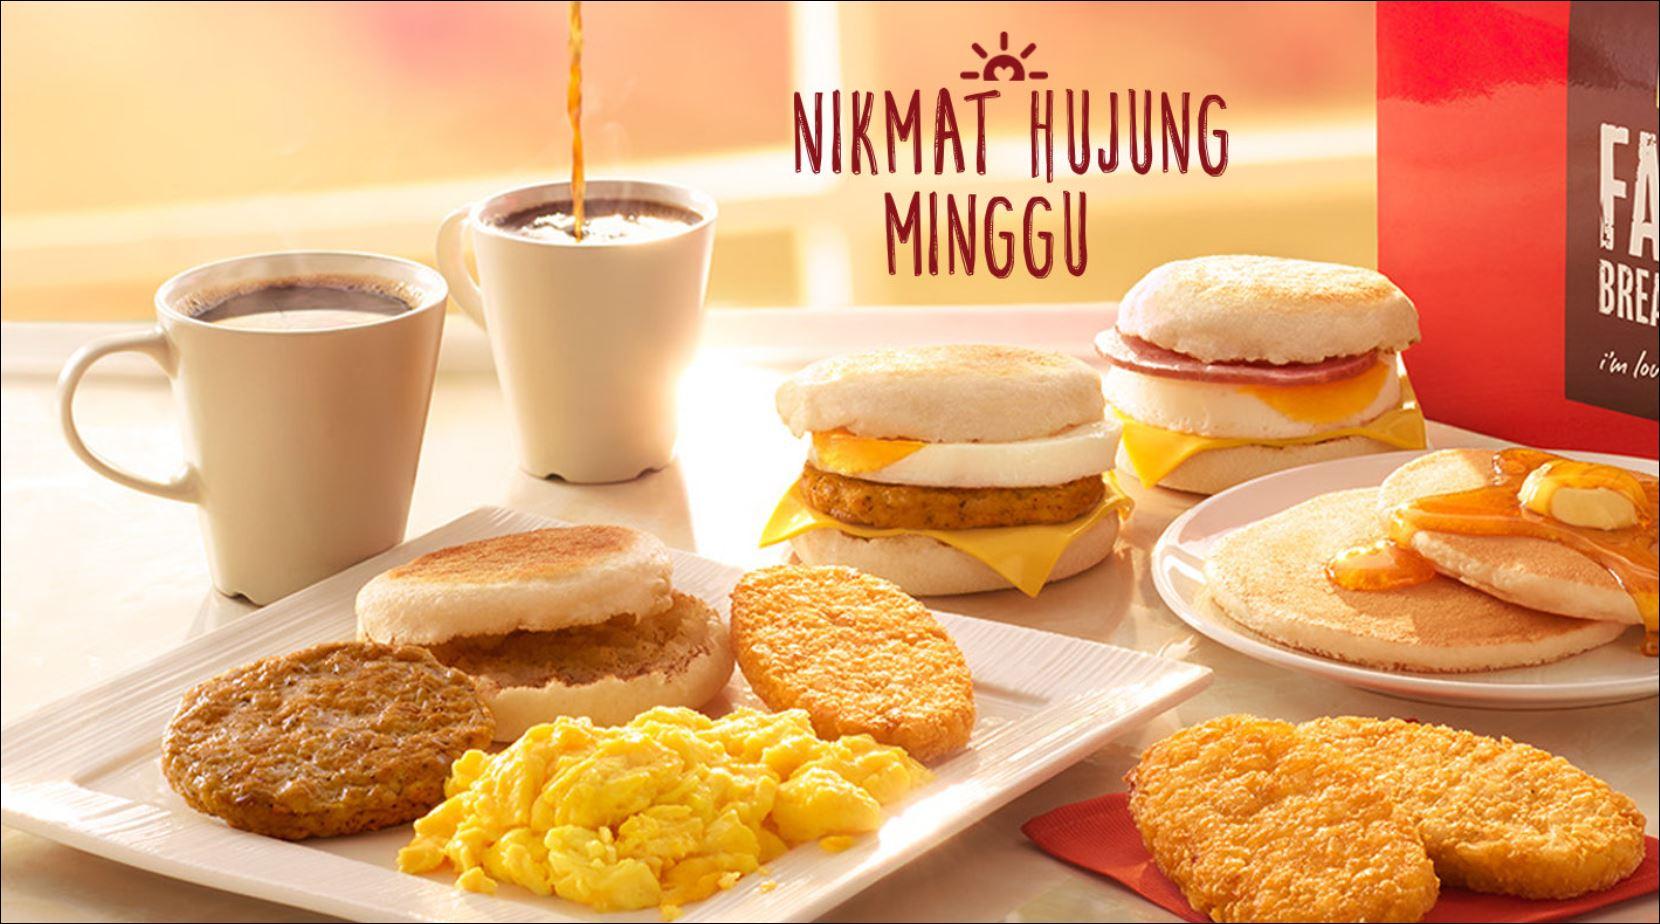 McDonalds Breakfast Hours 2021